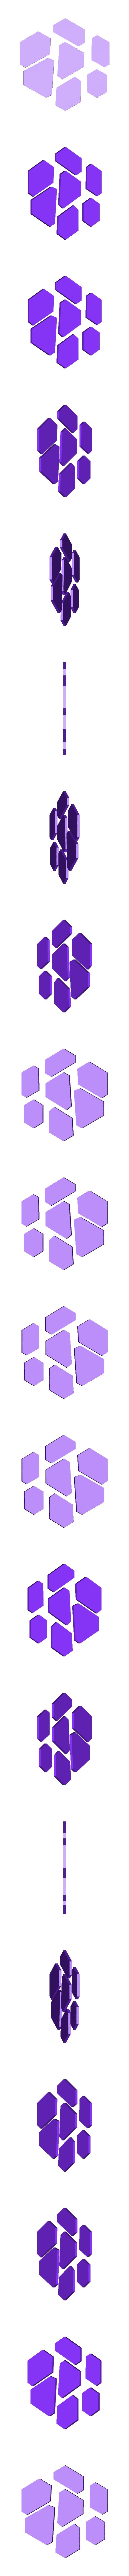 packing_pieces.stl Télécharger fichier STL gratuit Puzzle des formes • Modèle imprimable en 3D, Groone